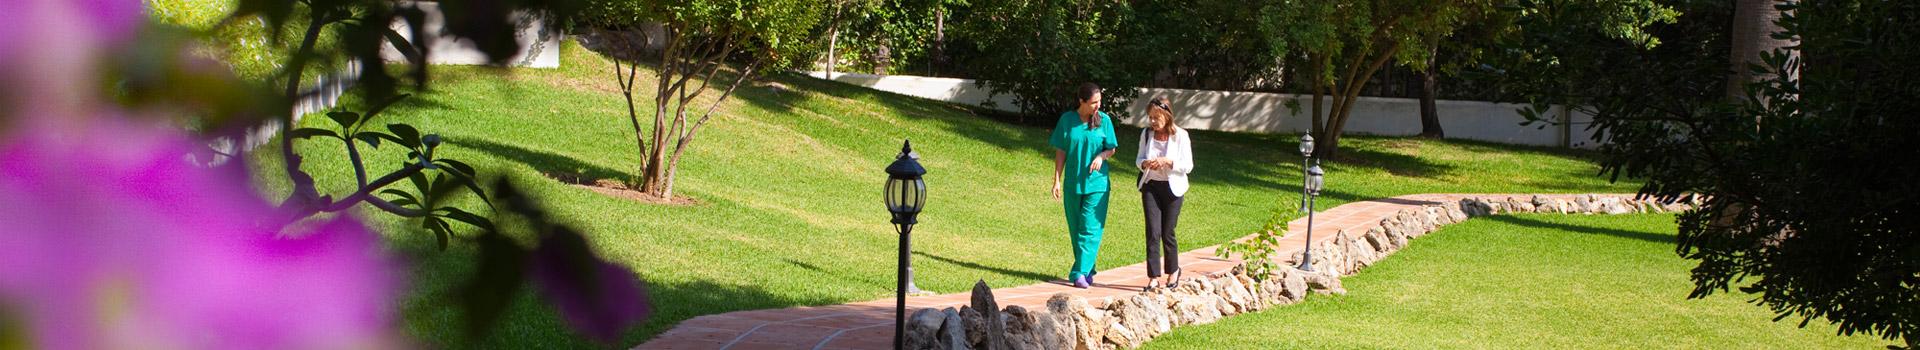 Hospital Privado Marbella